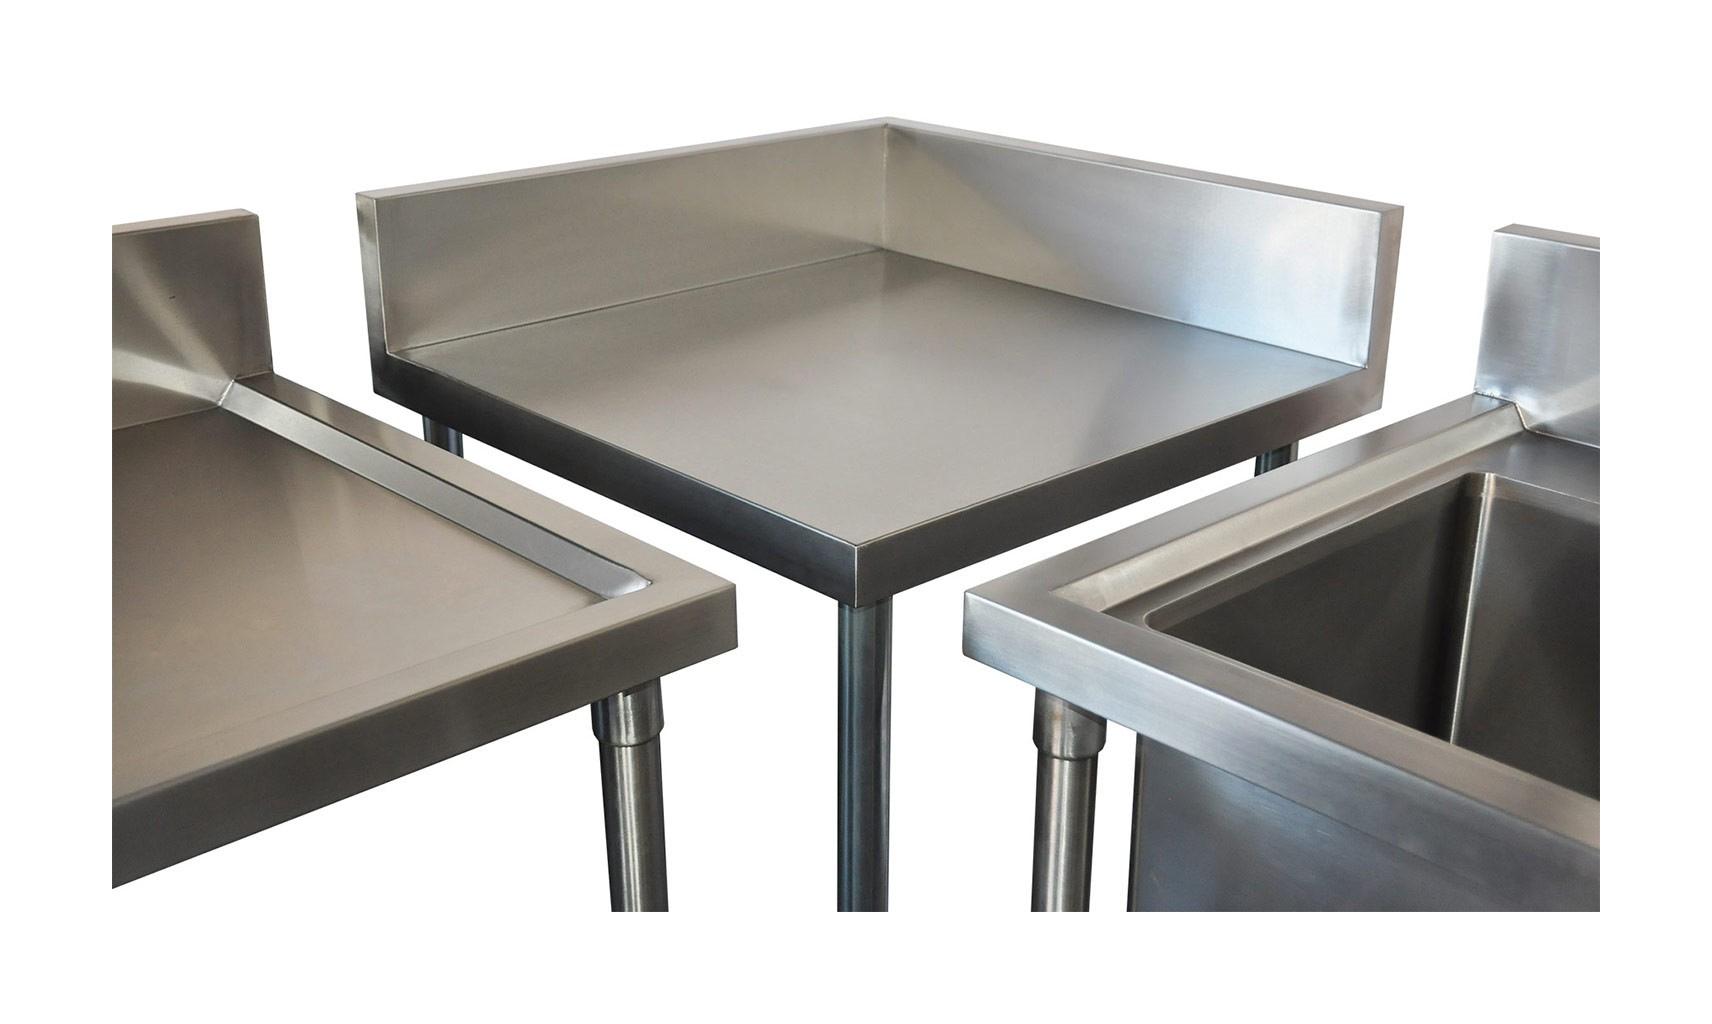 Stainless Undershelf for Corner Bench